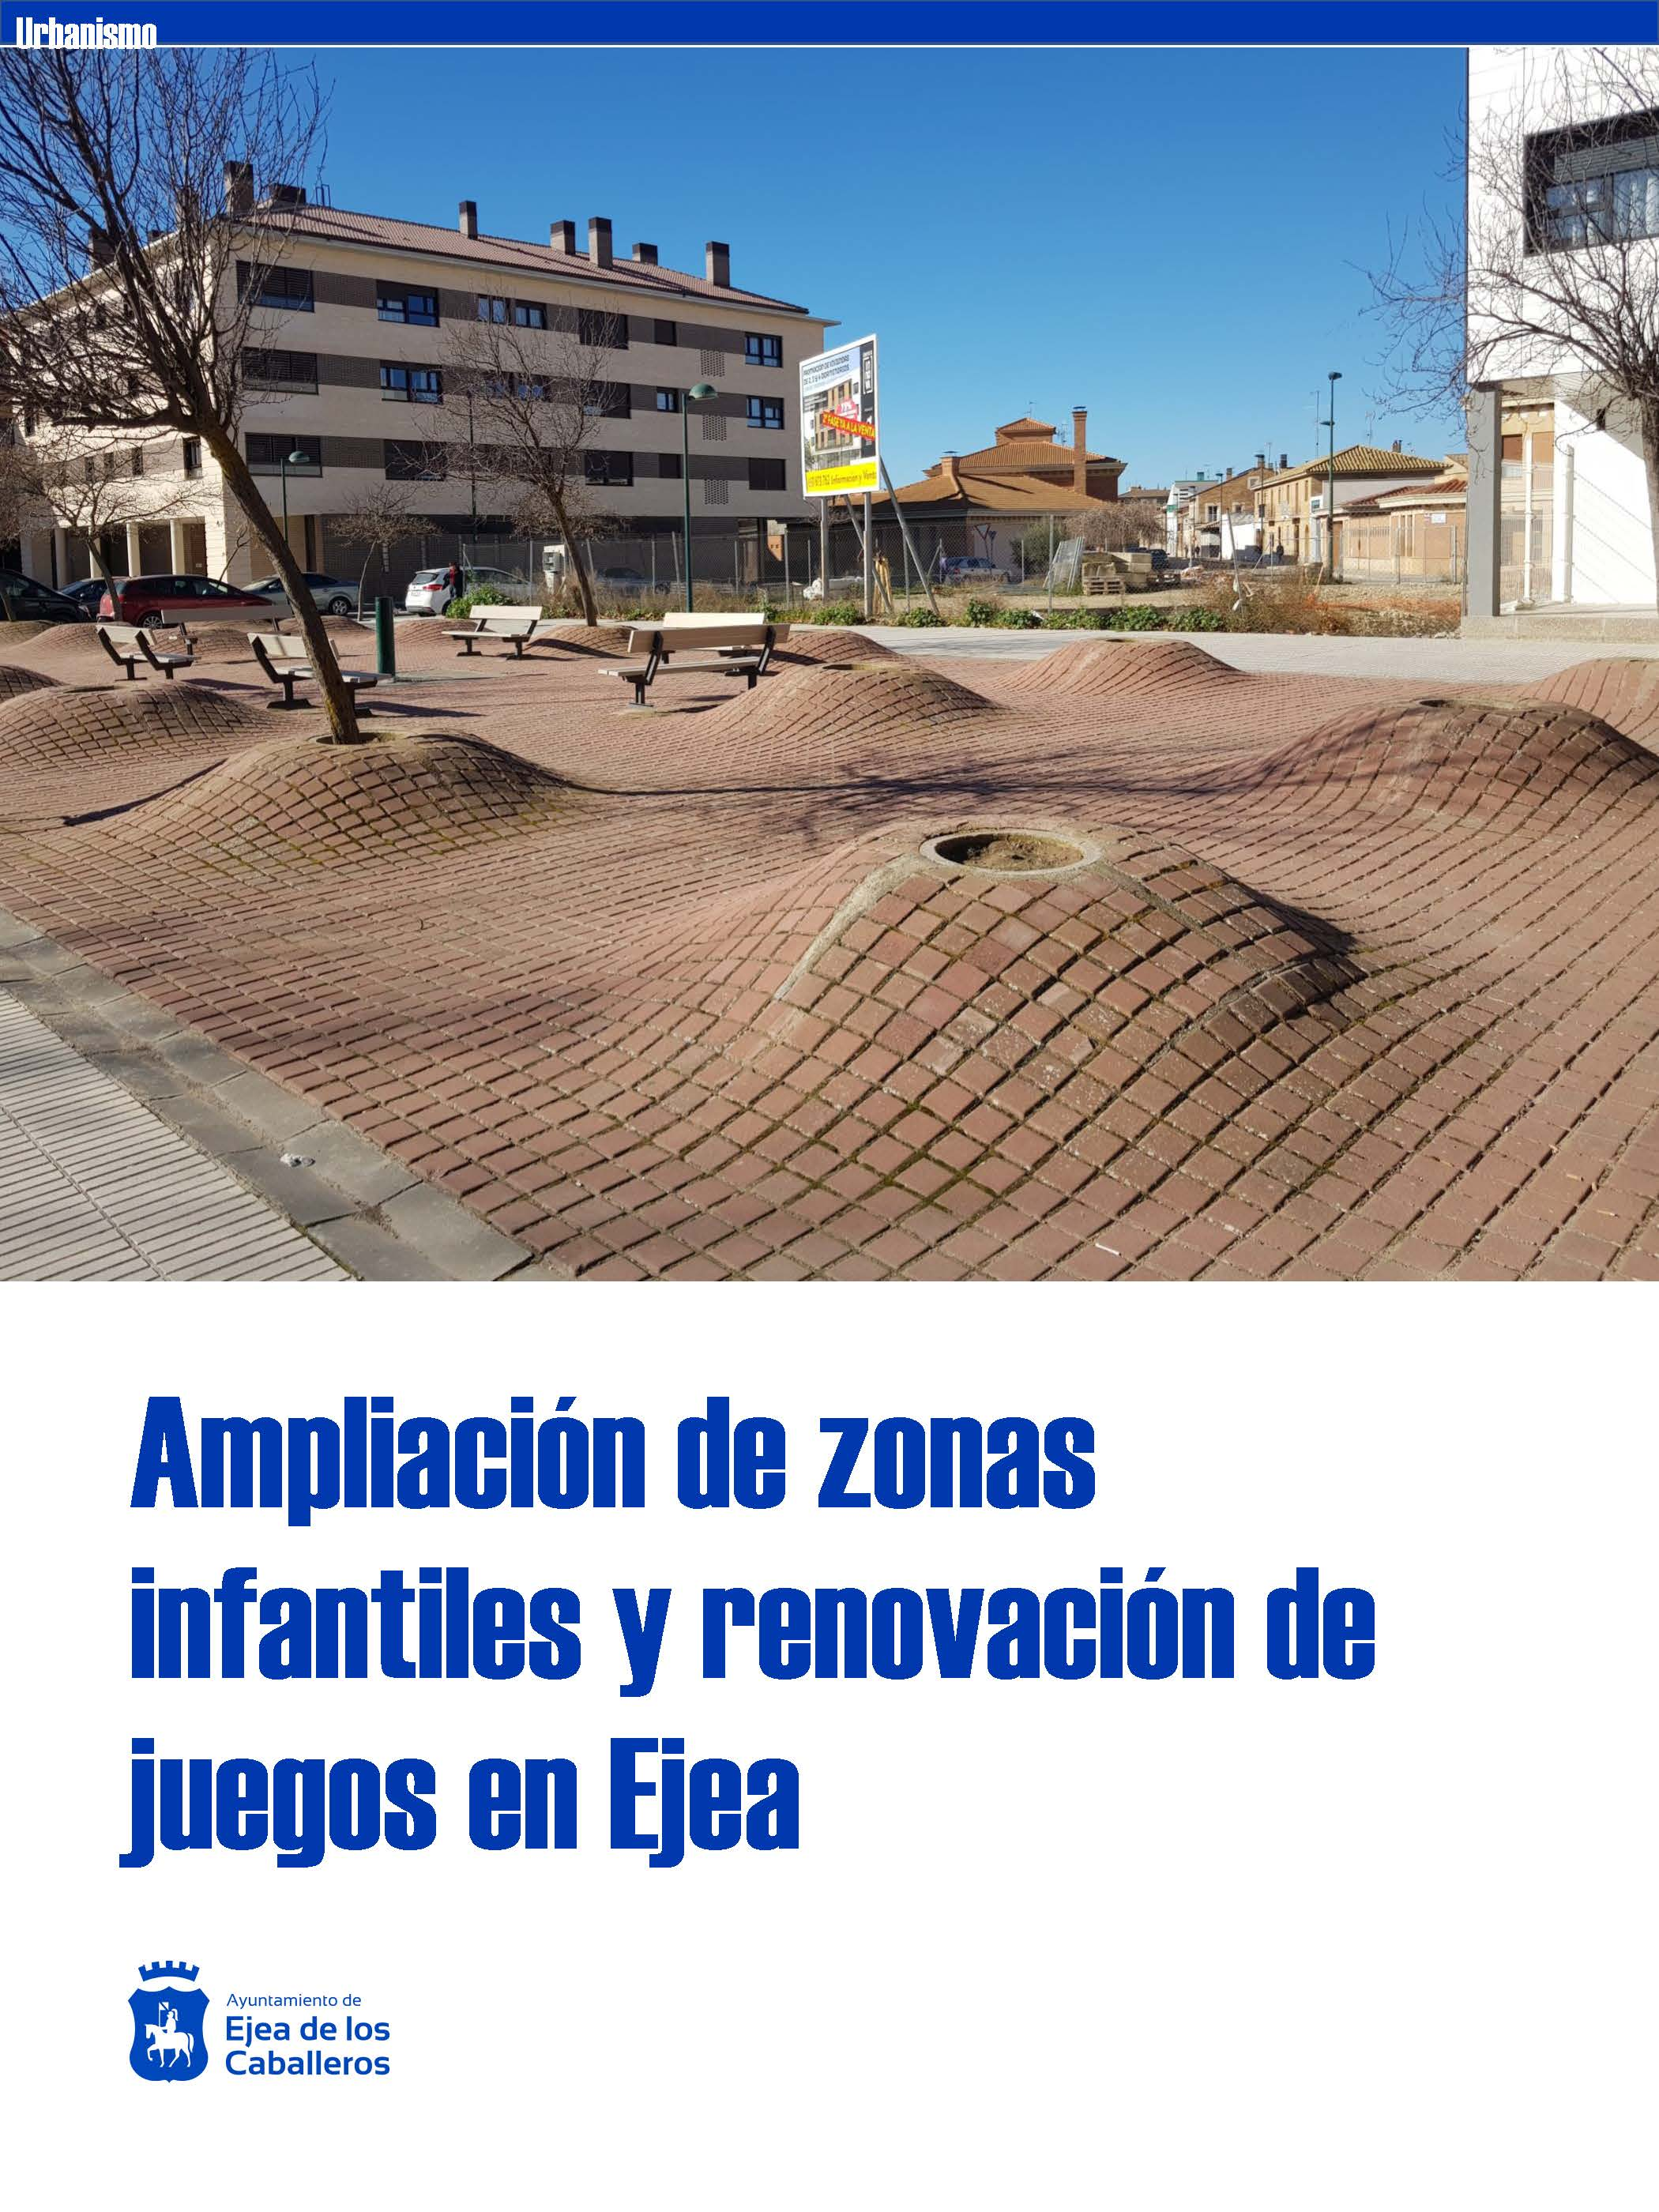 Ampliación de zonas infantiles y renovación de juegos en Ejea de los Caballeros